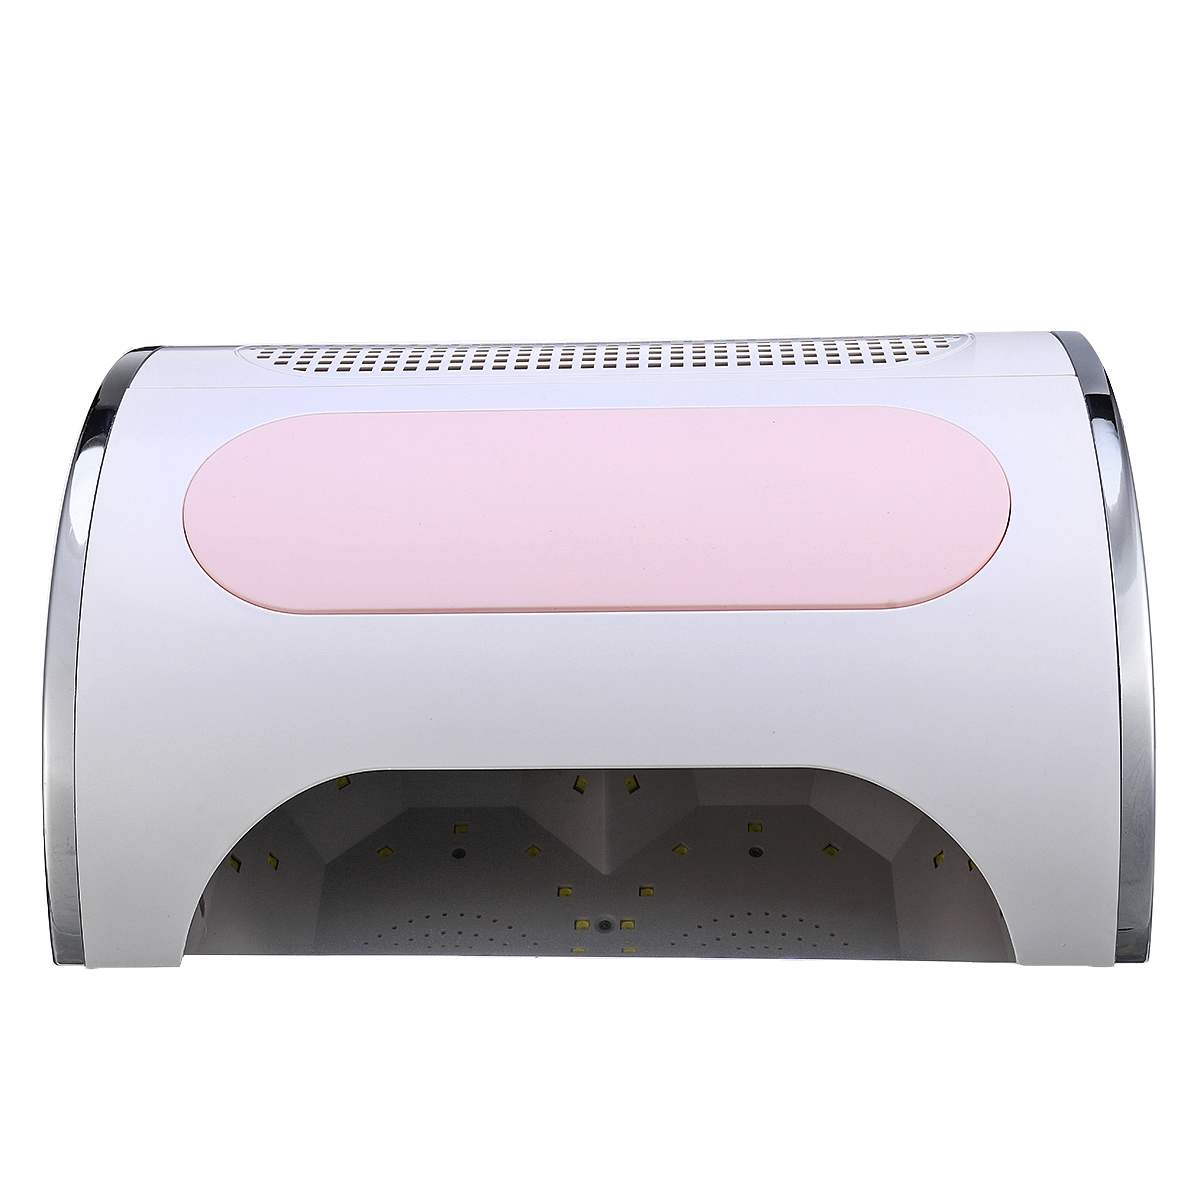 54 W LED à ongles UV lampe aspirateur aspiration dépoussiéreur 25000 tr/min perceuse Machine pédicure dissolvant outils de polissage